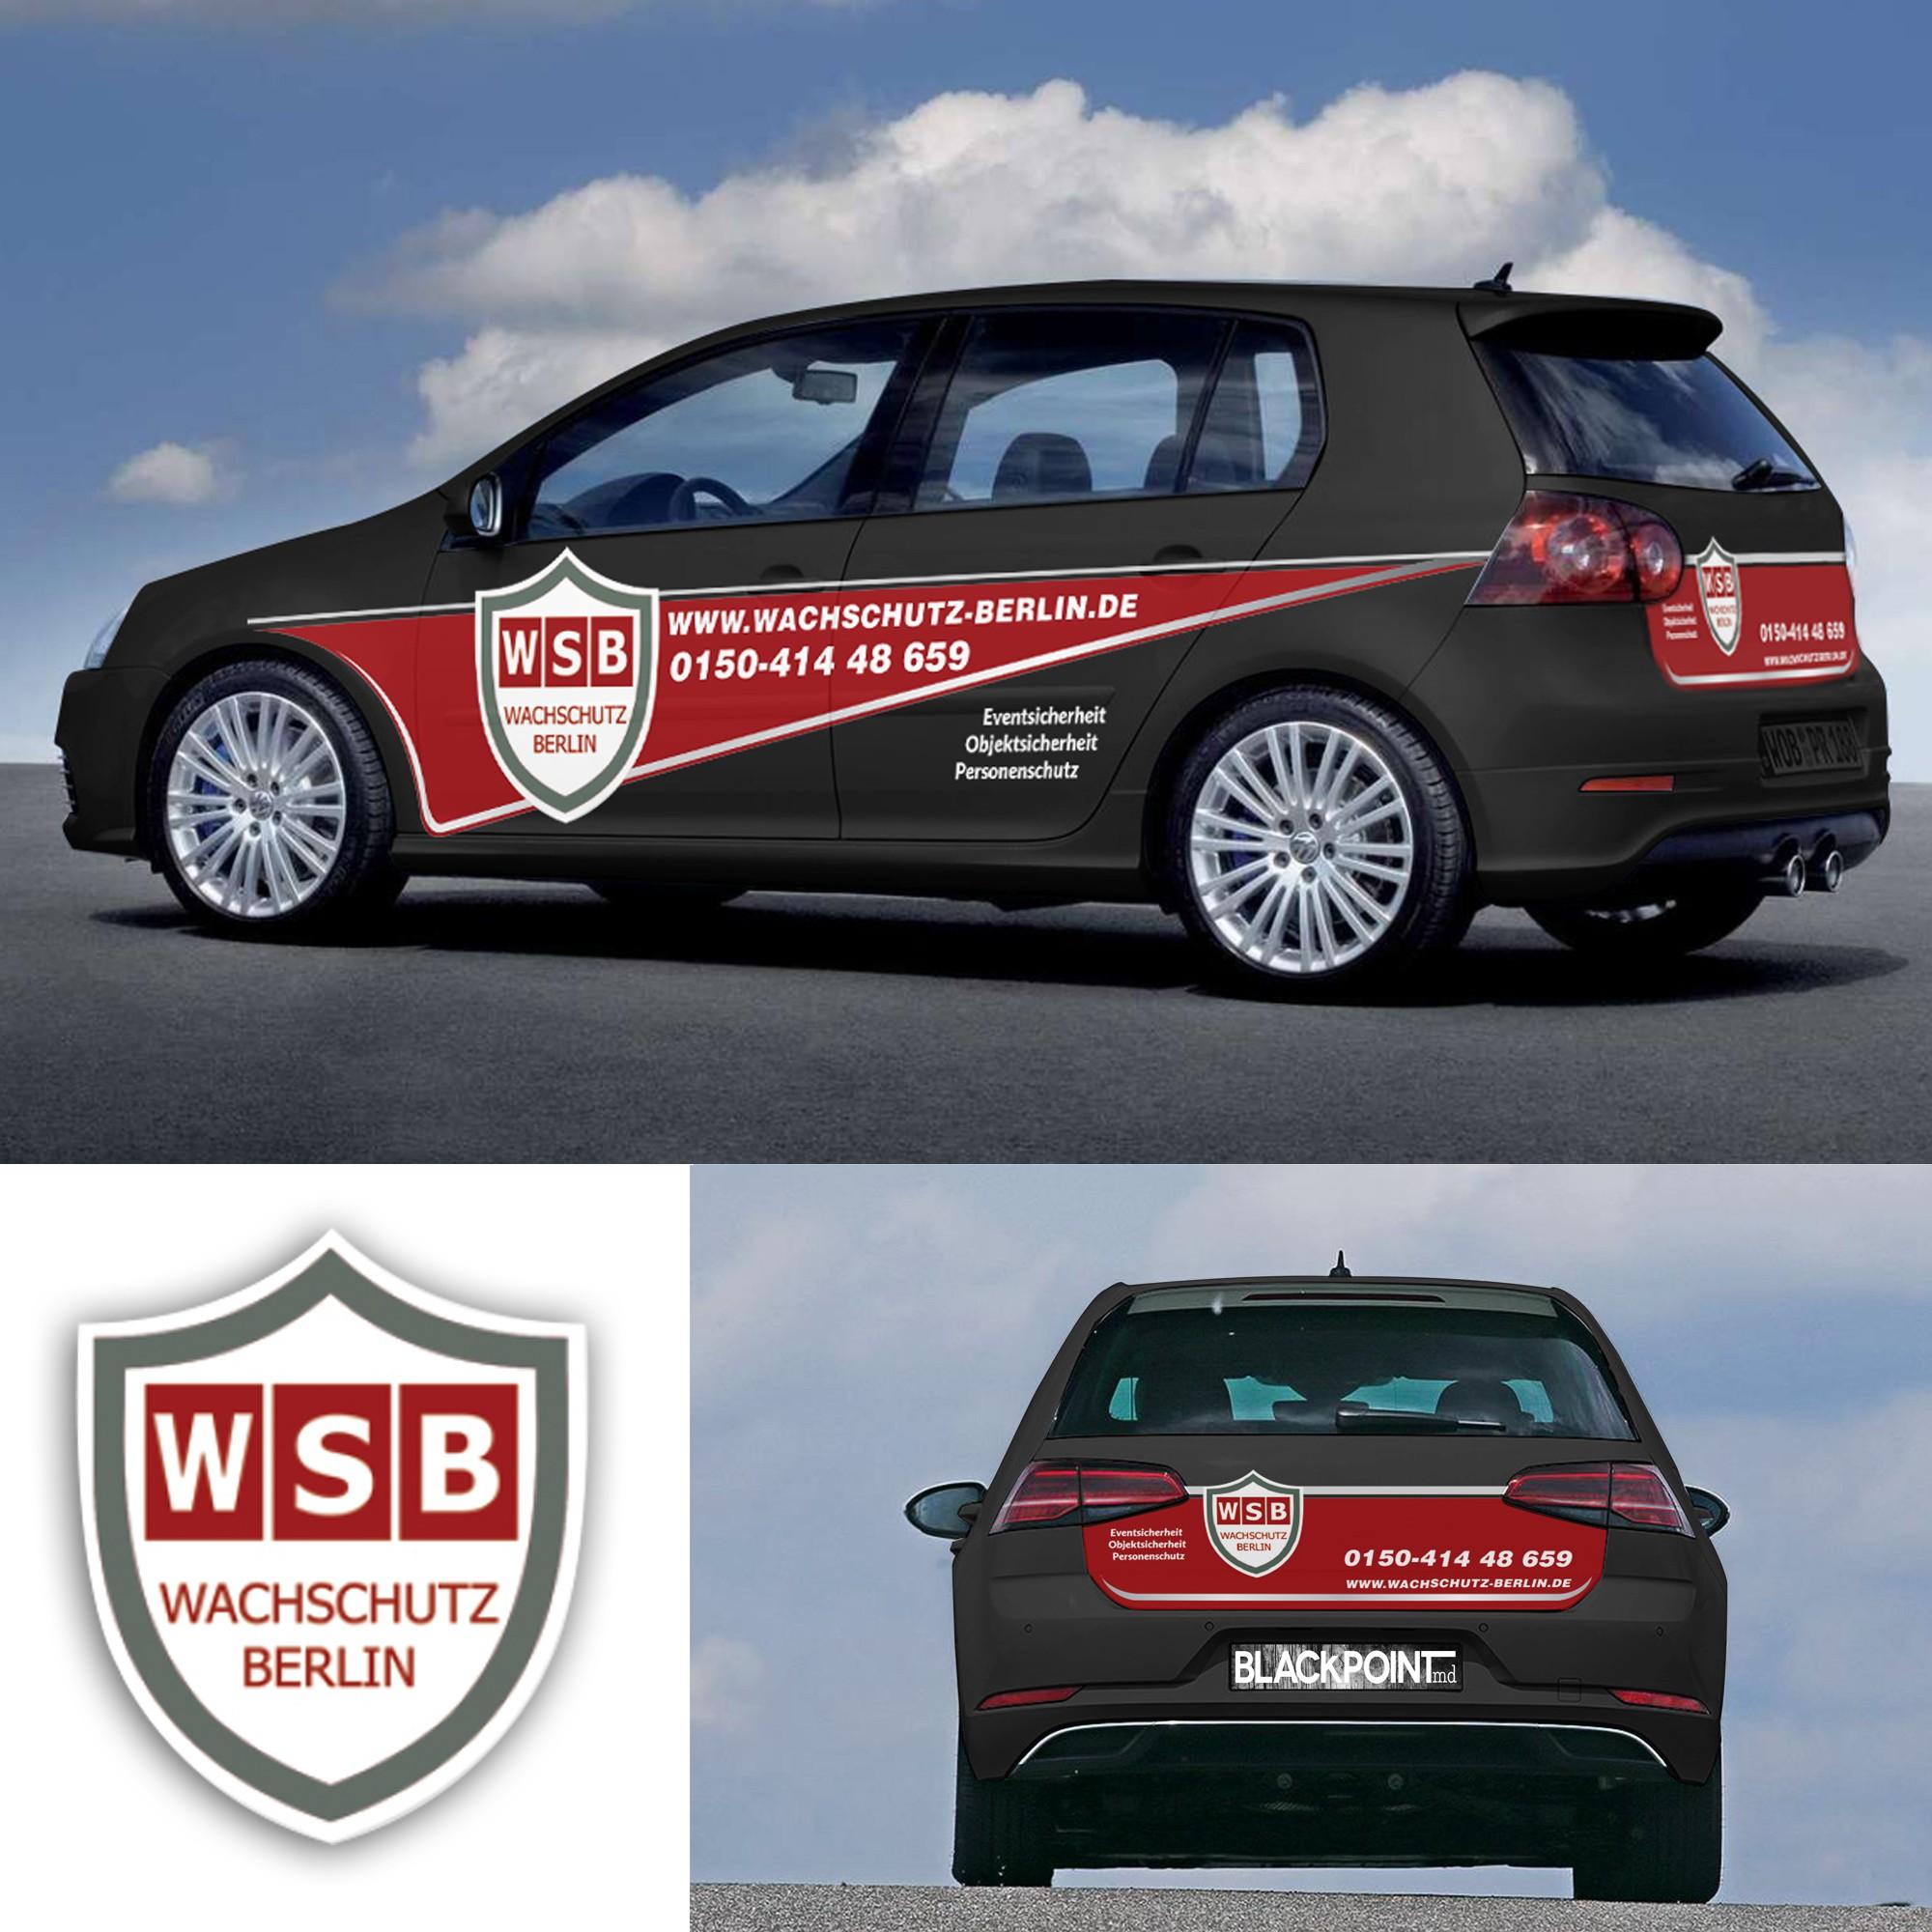 Wachschutz Berlin Werbung für GOLF V (Golf 5)